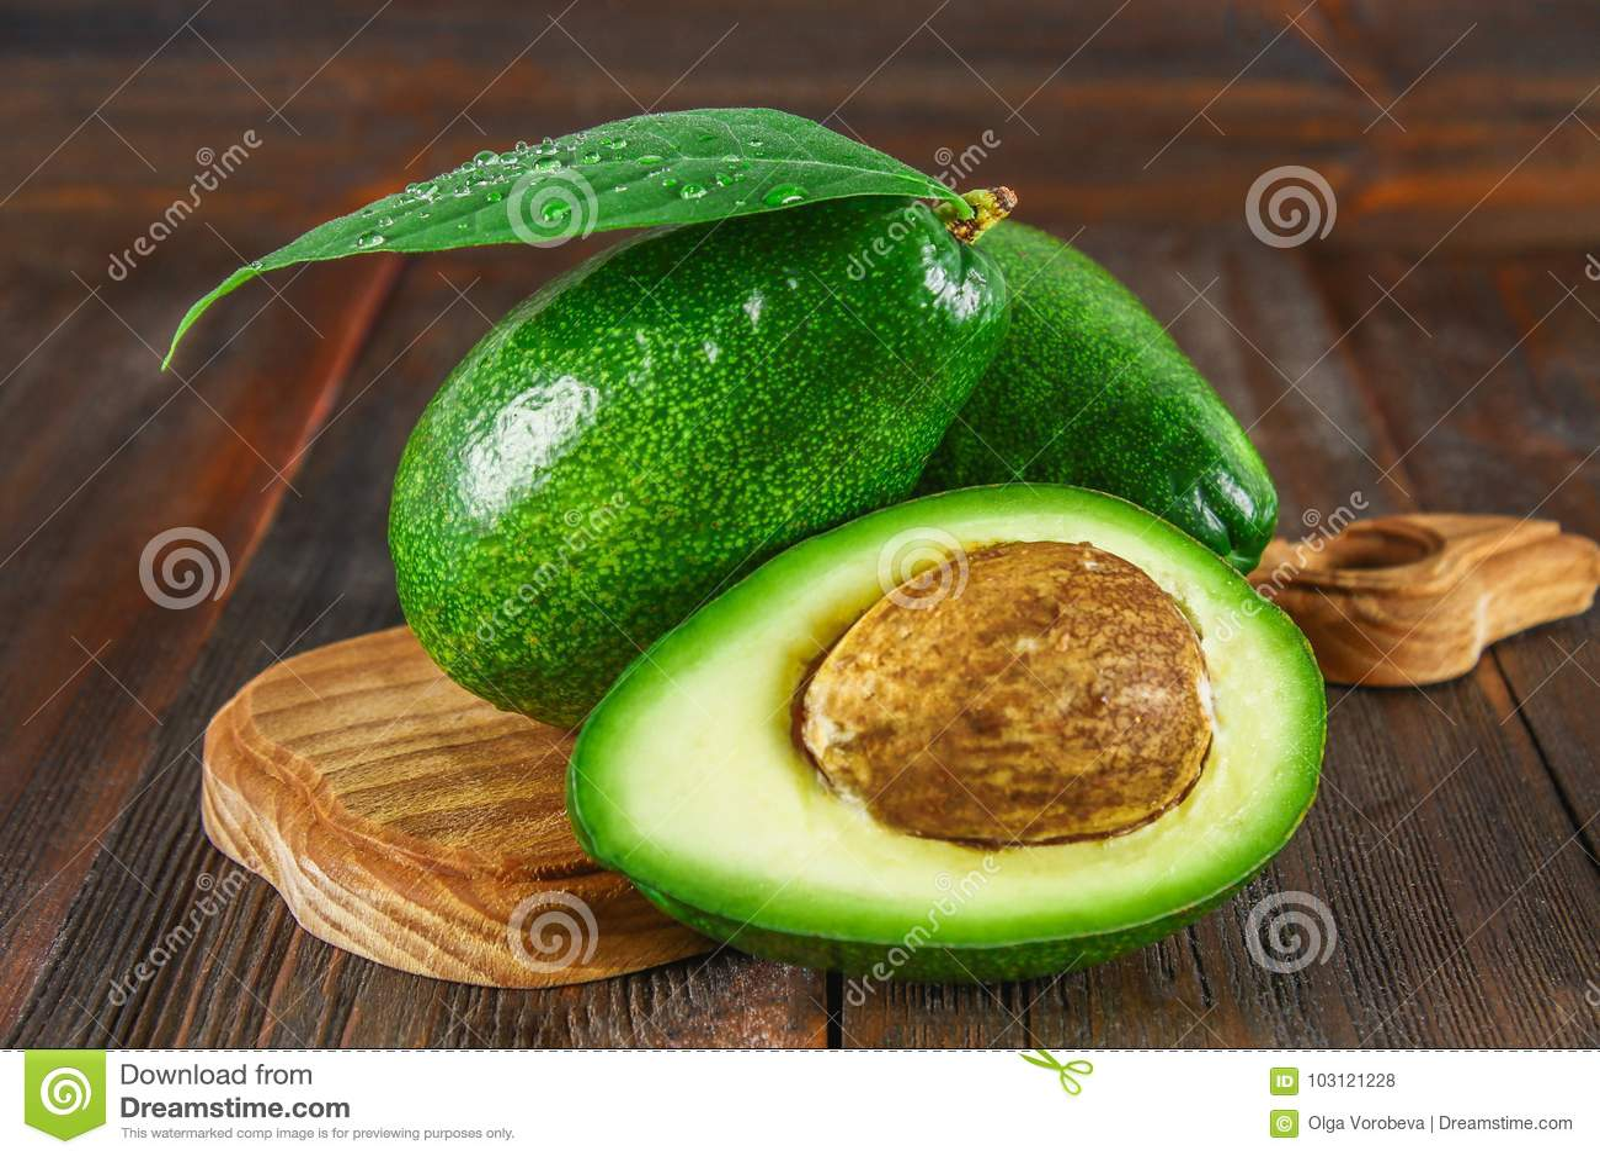 Drie groene ruwe rijpe avocadovruchten en een besnoeiing half met een been met bladeren op een houten scherpe raad op een bruine